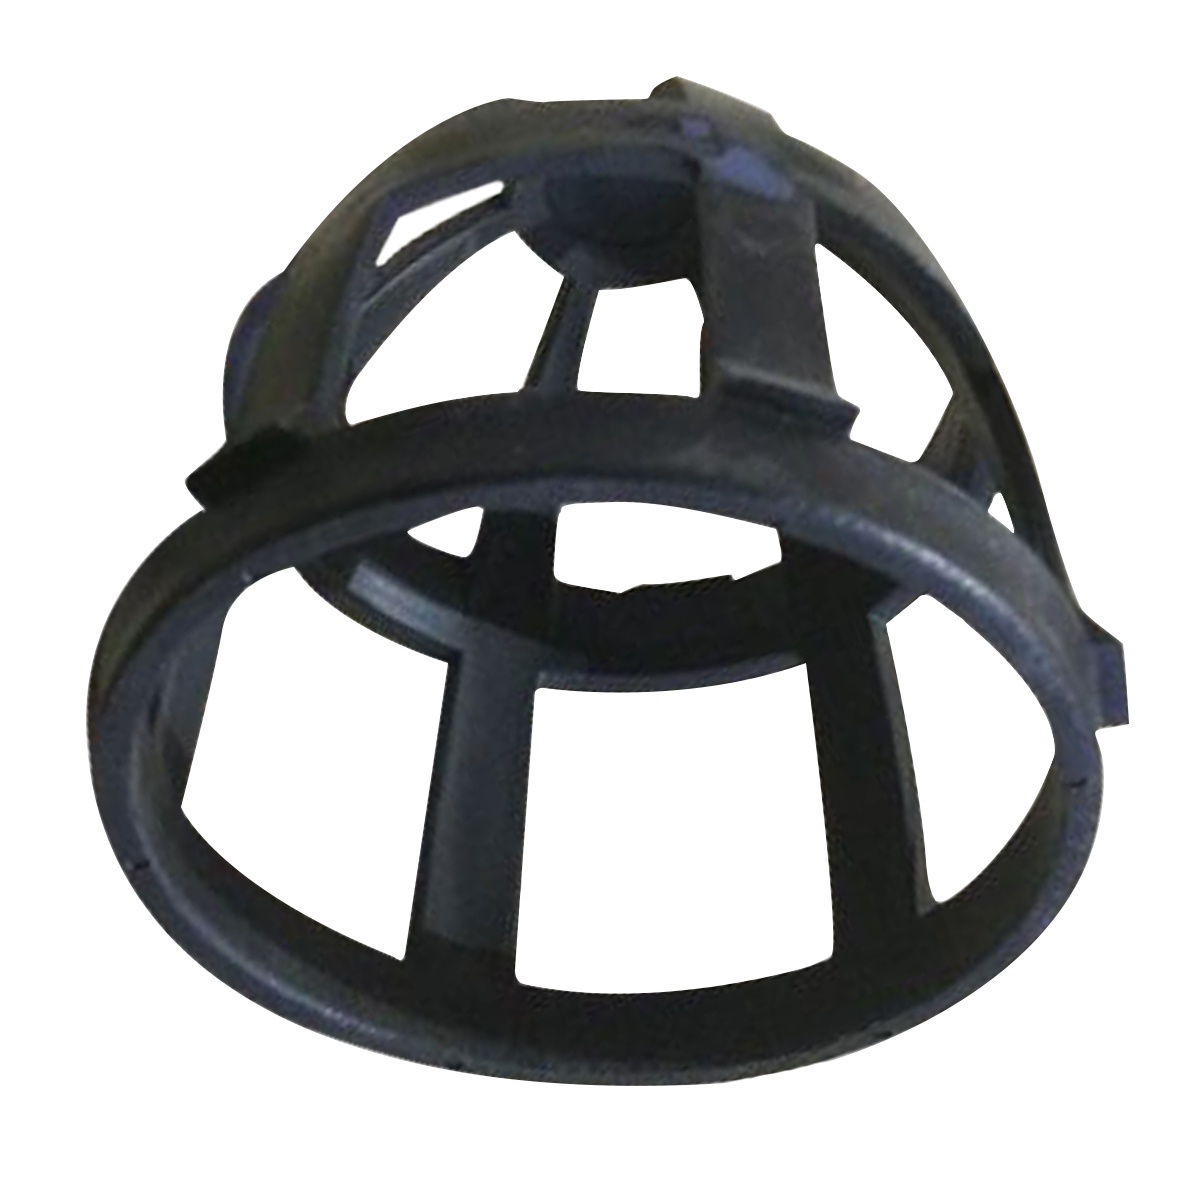 Аксессуар для водоотводного лотка Standartpark 6823, черный стоимость